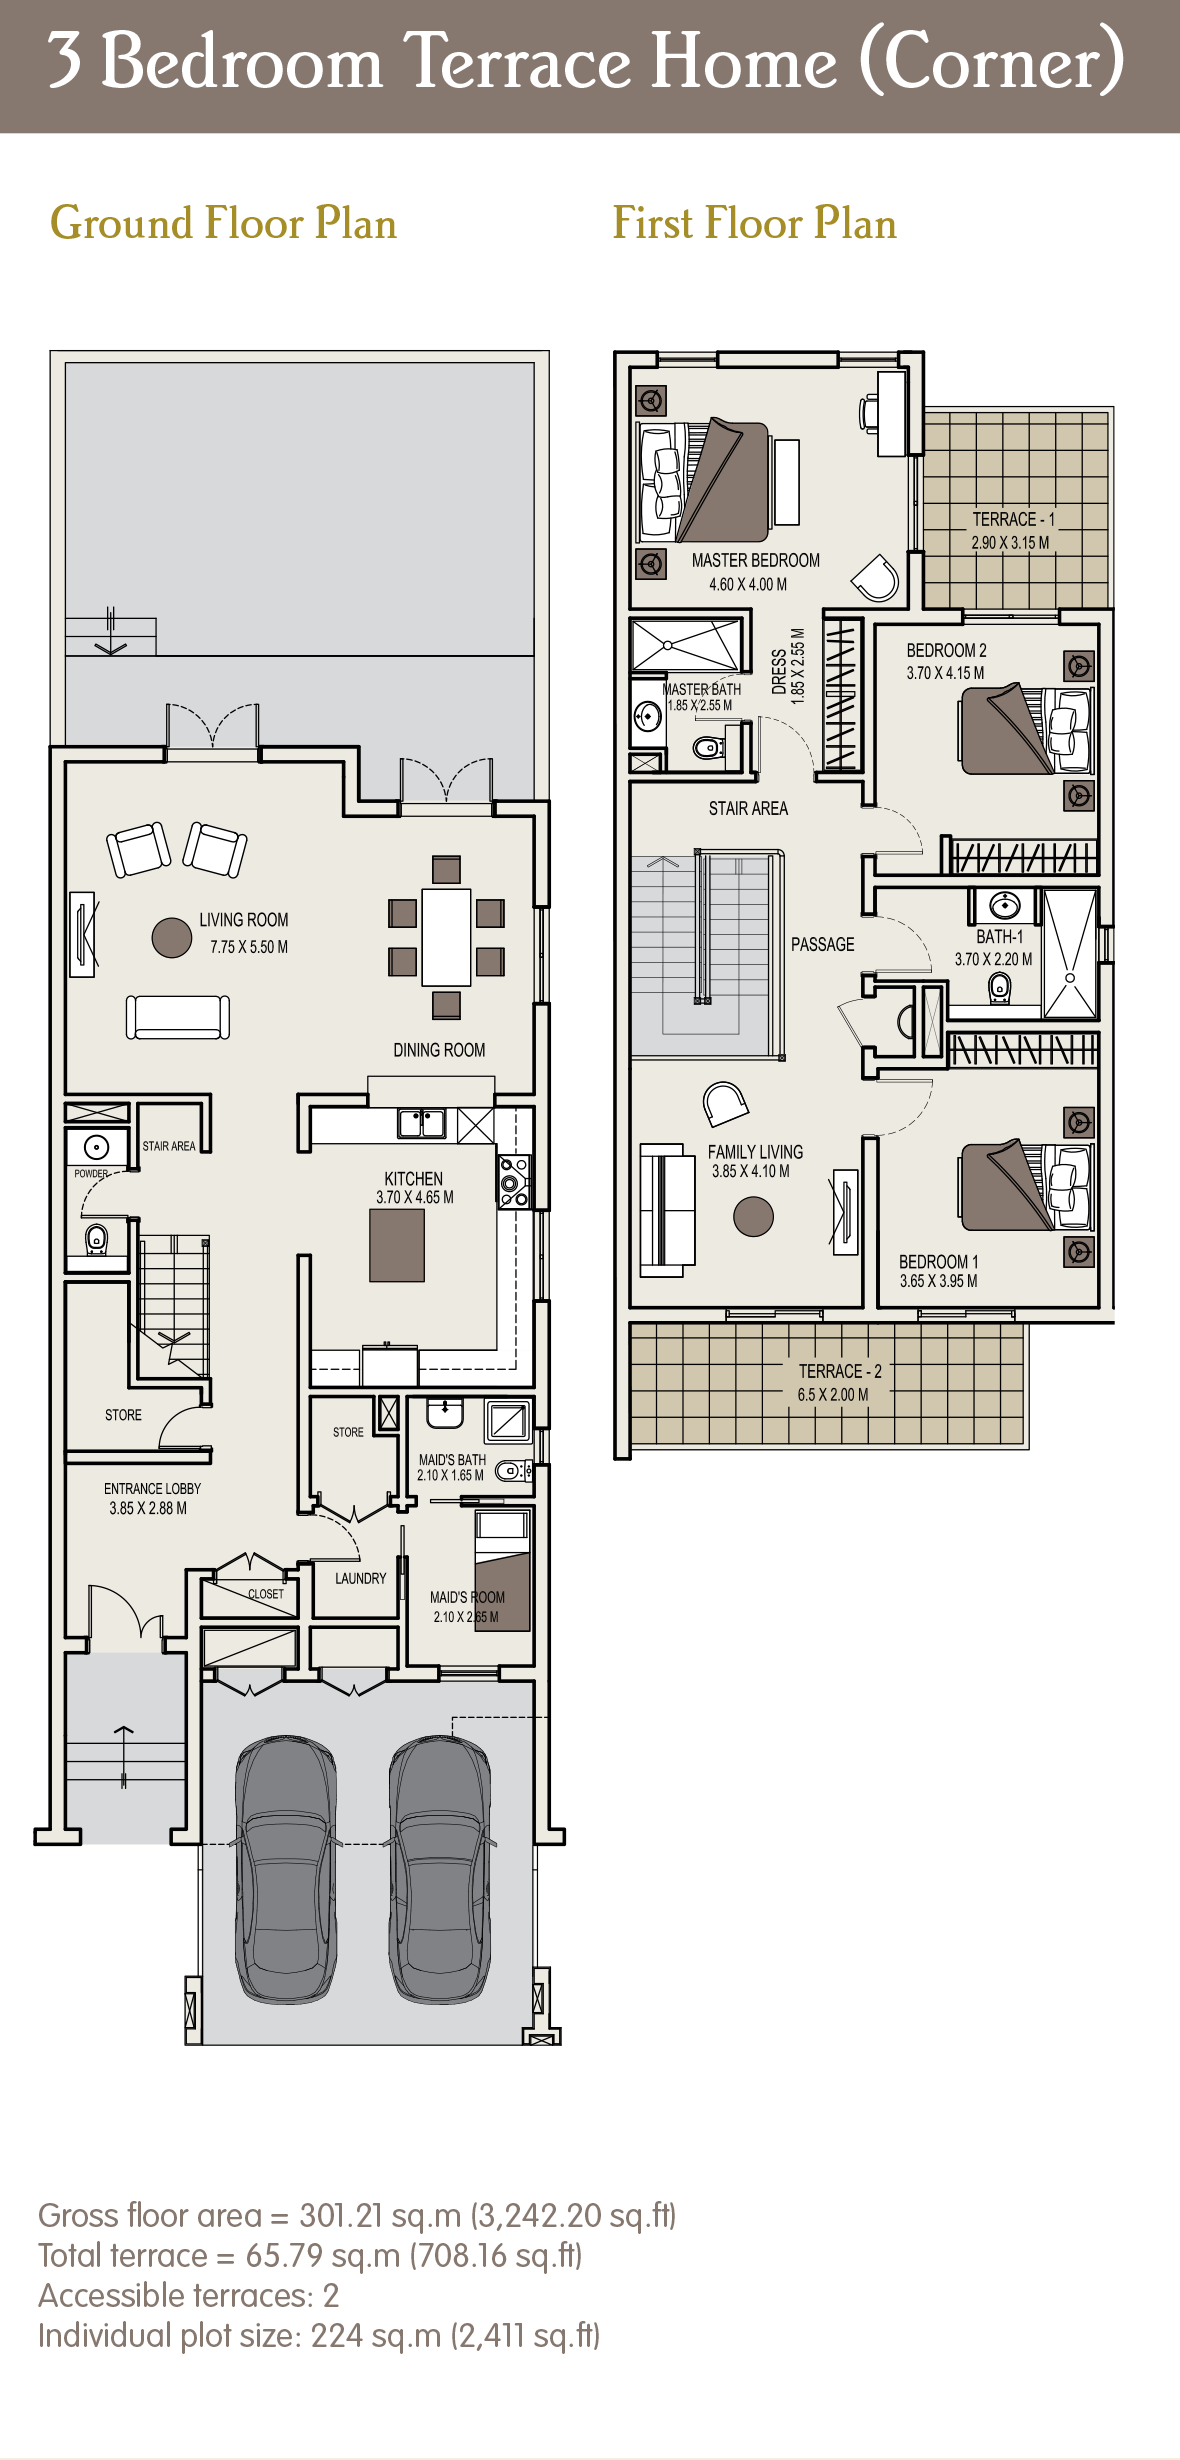 3Bedroom-Terrace-Home-Corner